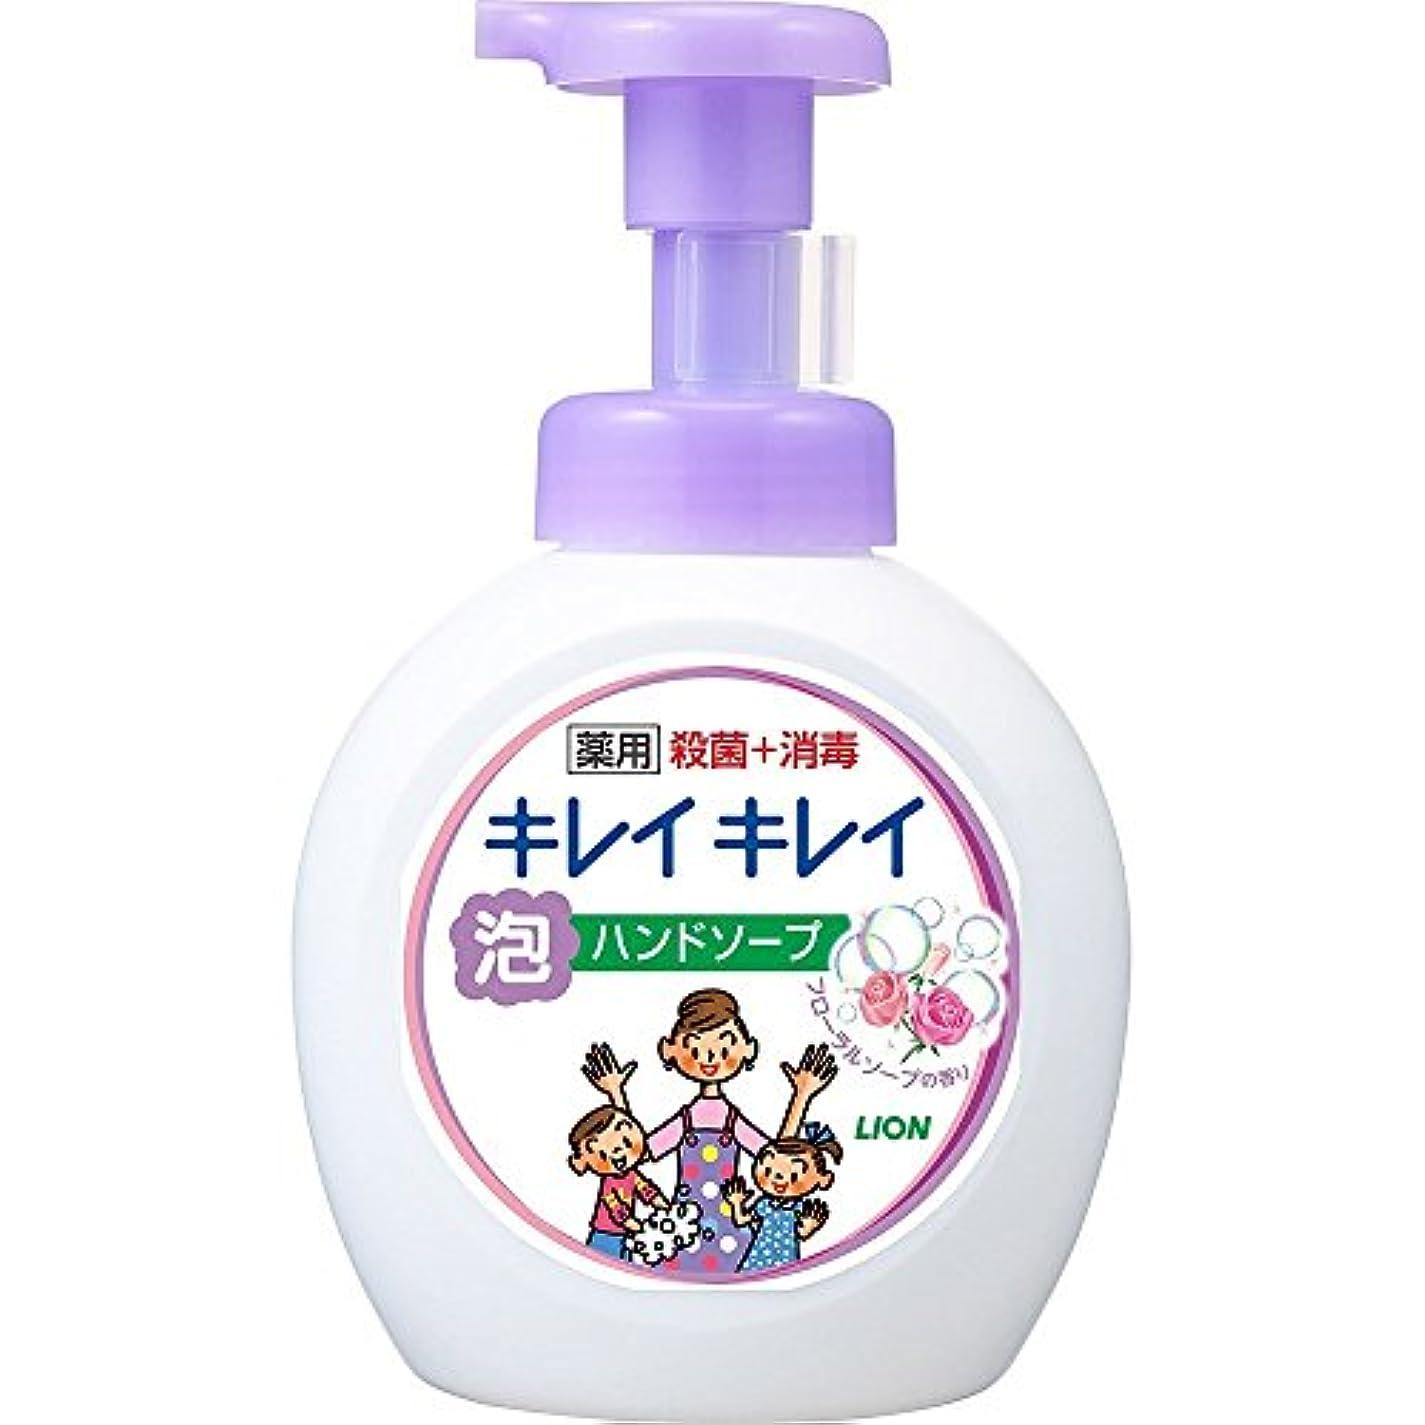 インフルエンザ顎スマッシュキレイキレイ 薬用 泡ハンドソープ フローラルソープの香り 本体ポンプ 大型サイズ 500ml(医薬部外品)